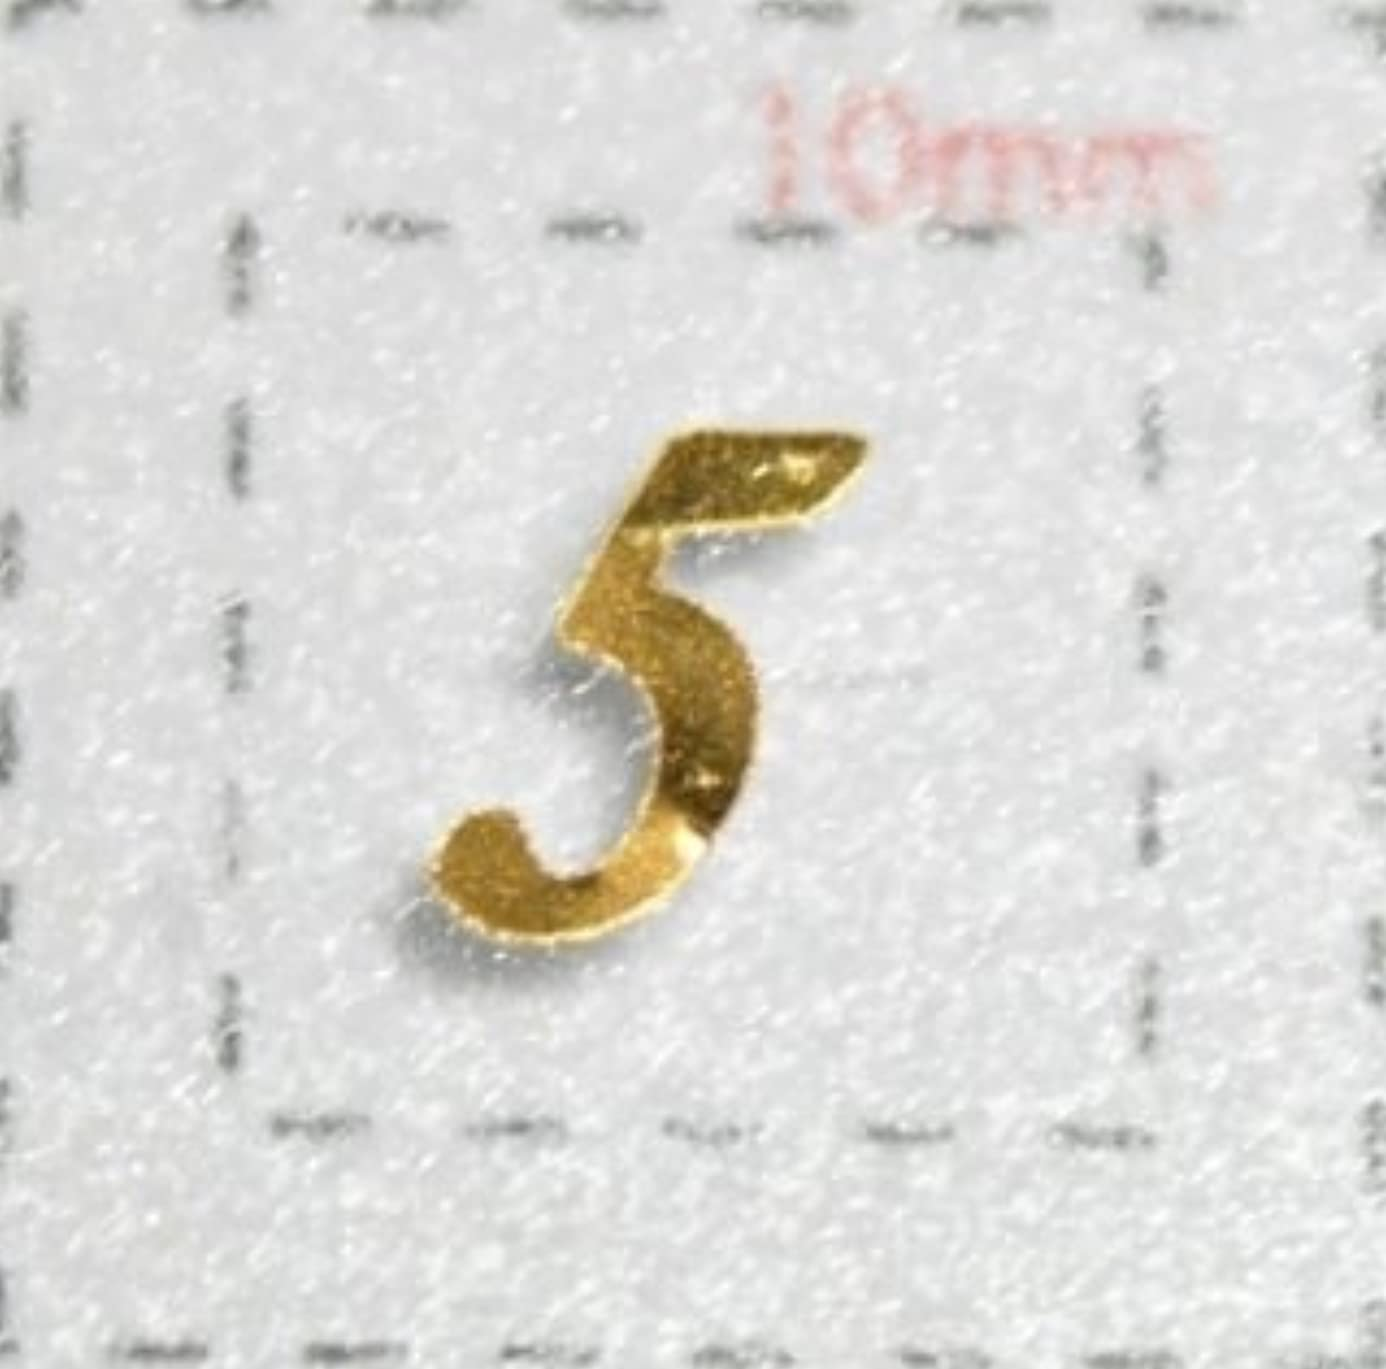 倒錯威する置換【数字ネイルシール】1筆記体《5》ゴールド/1シート9枚